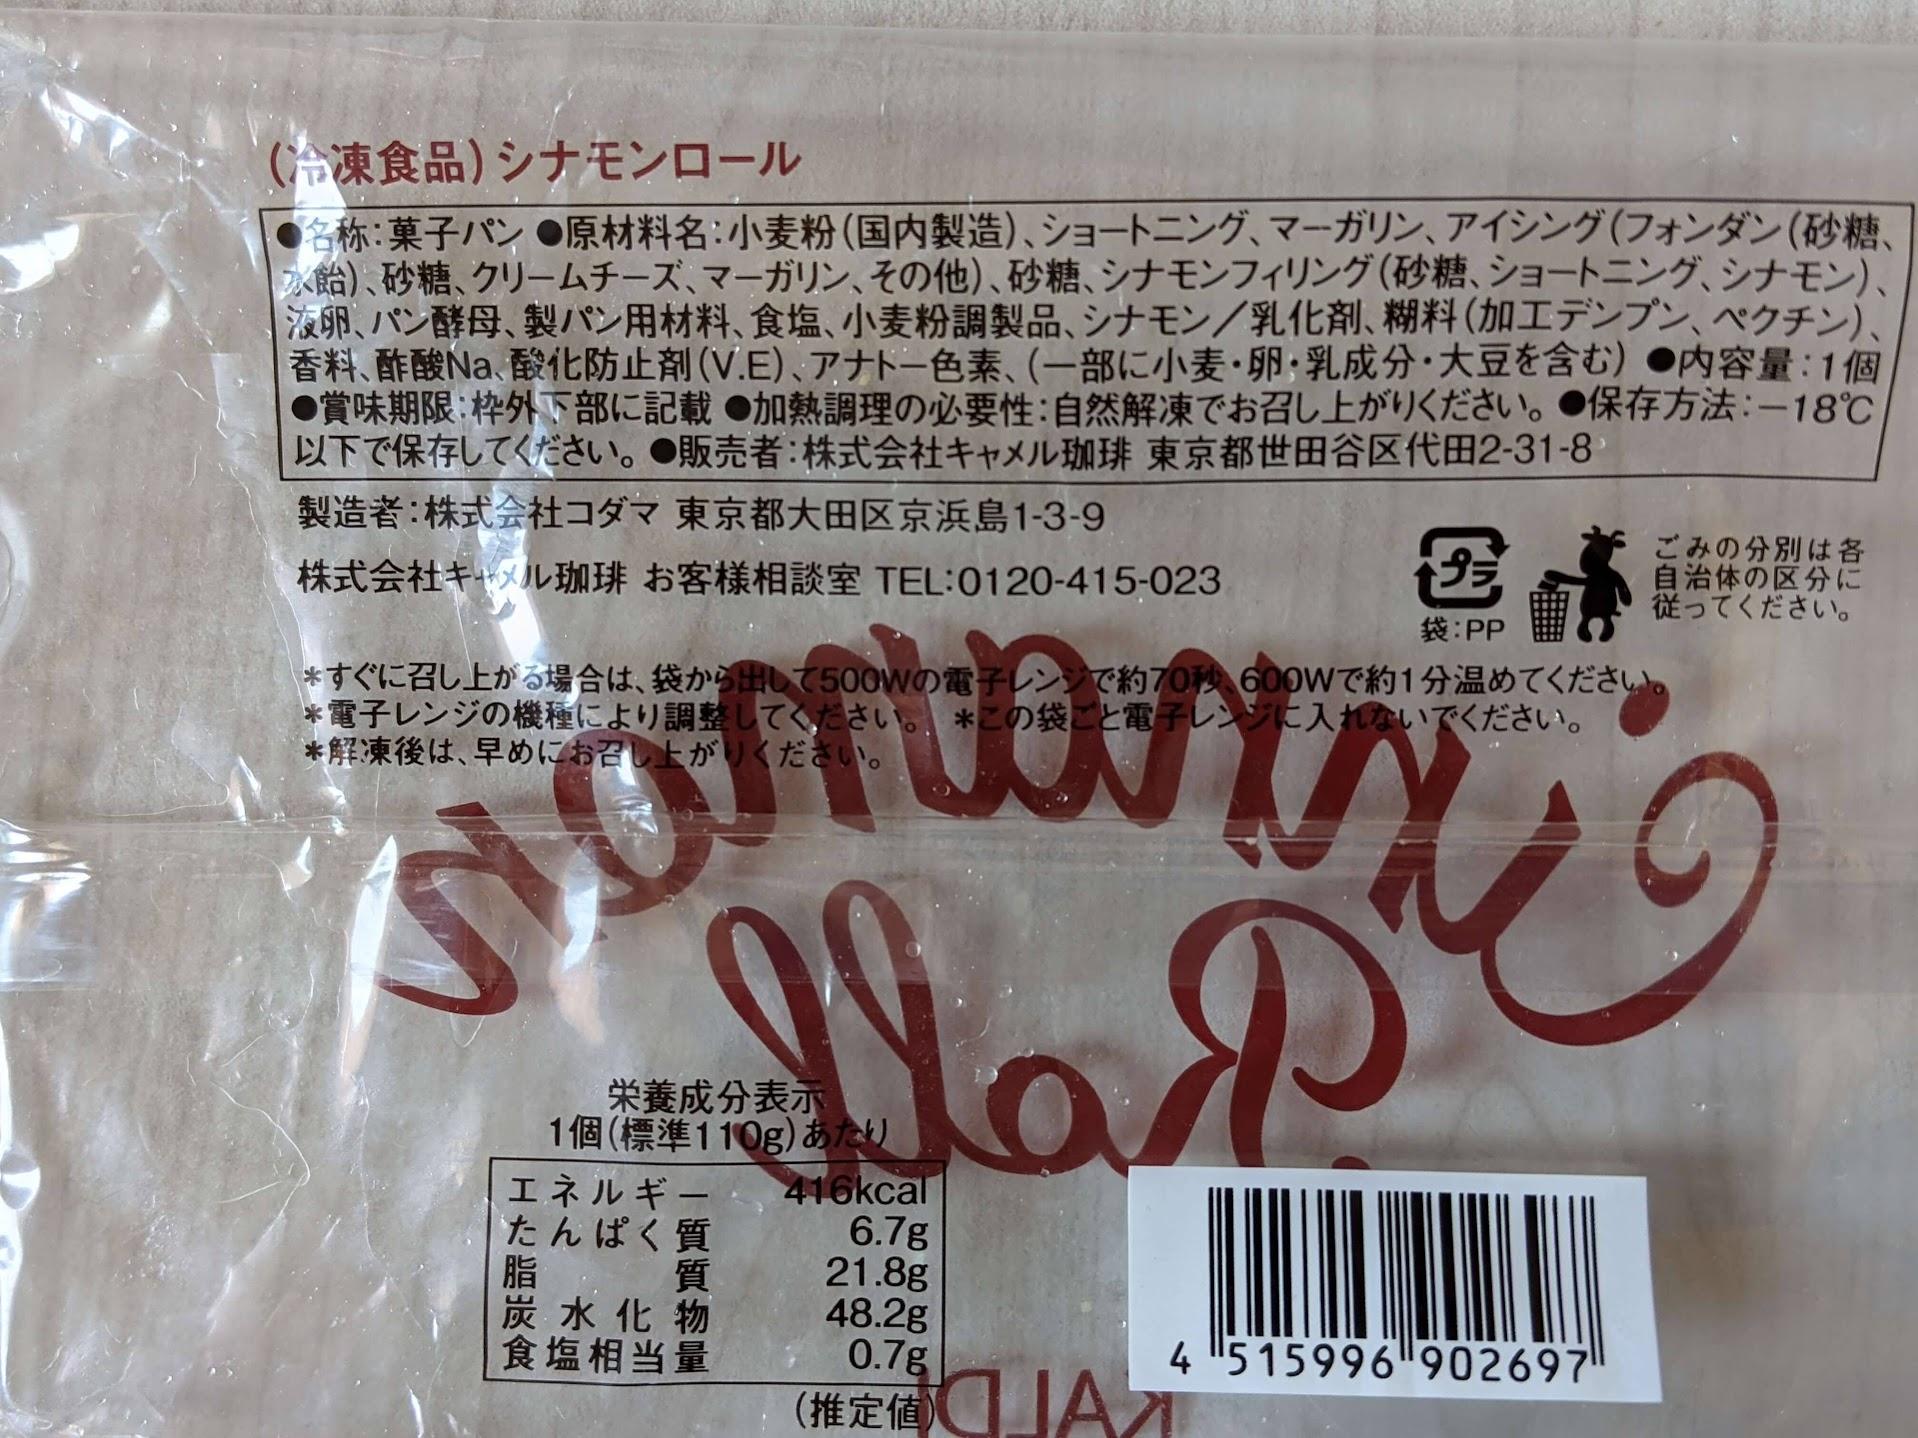 カルディ シナモンロール 栄養成分表示